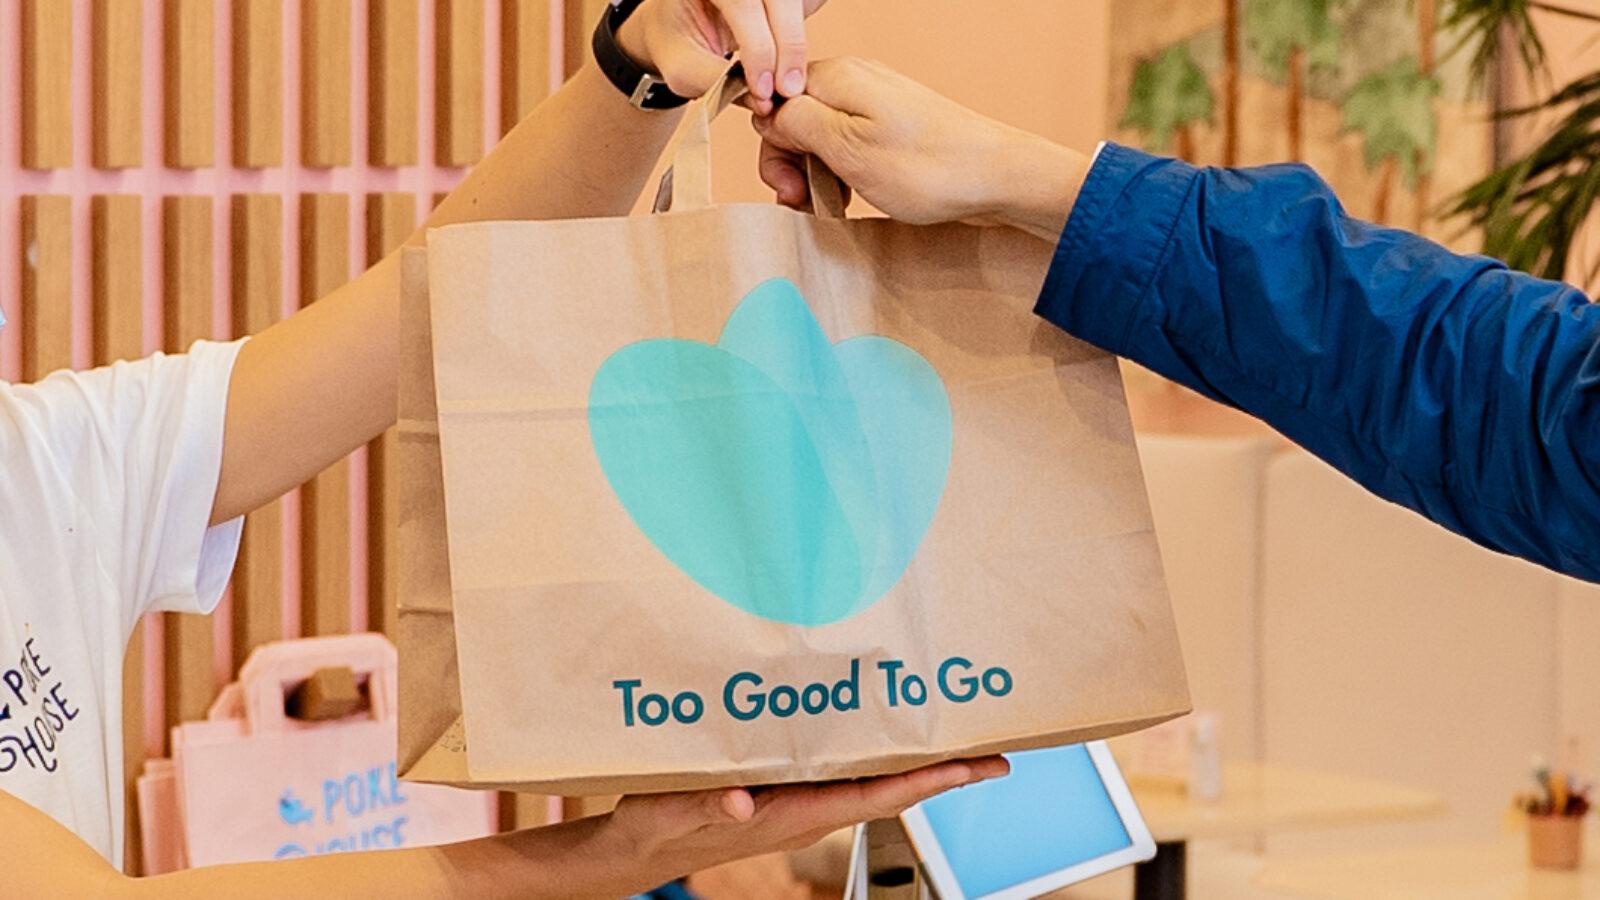 Spreco alimentare, al via un patto per contrastarlo: l'intervista a Too Good To Go